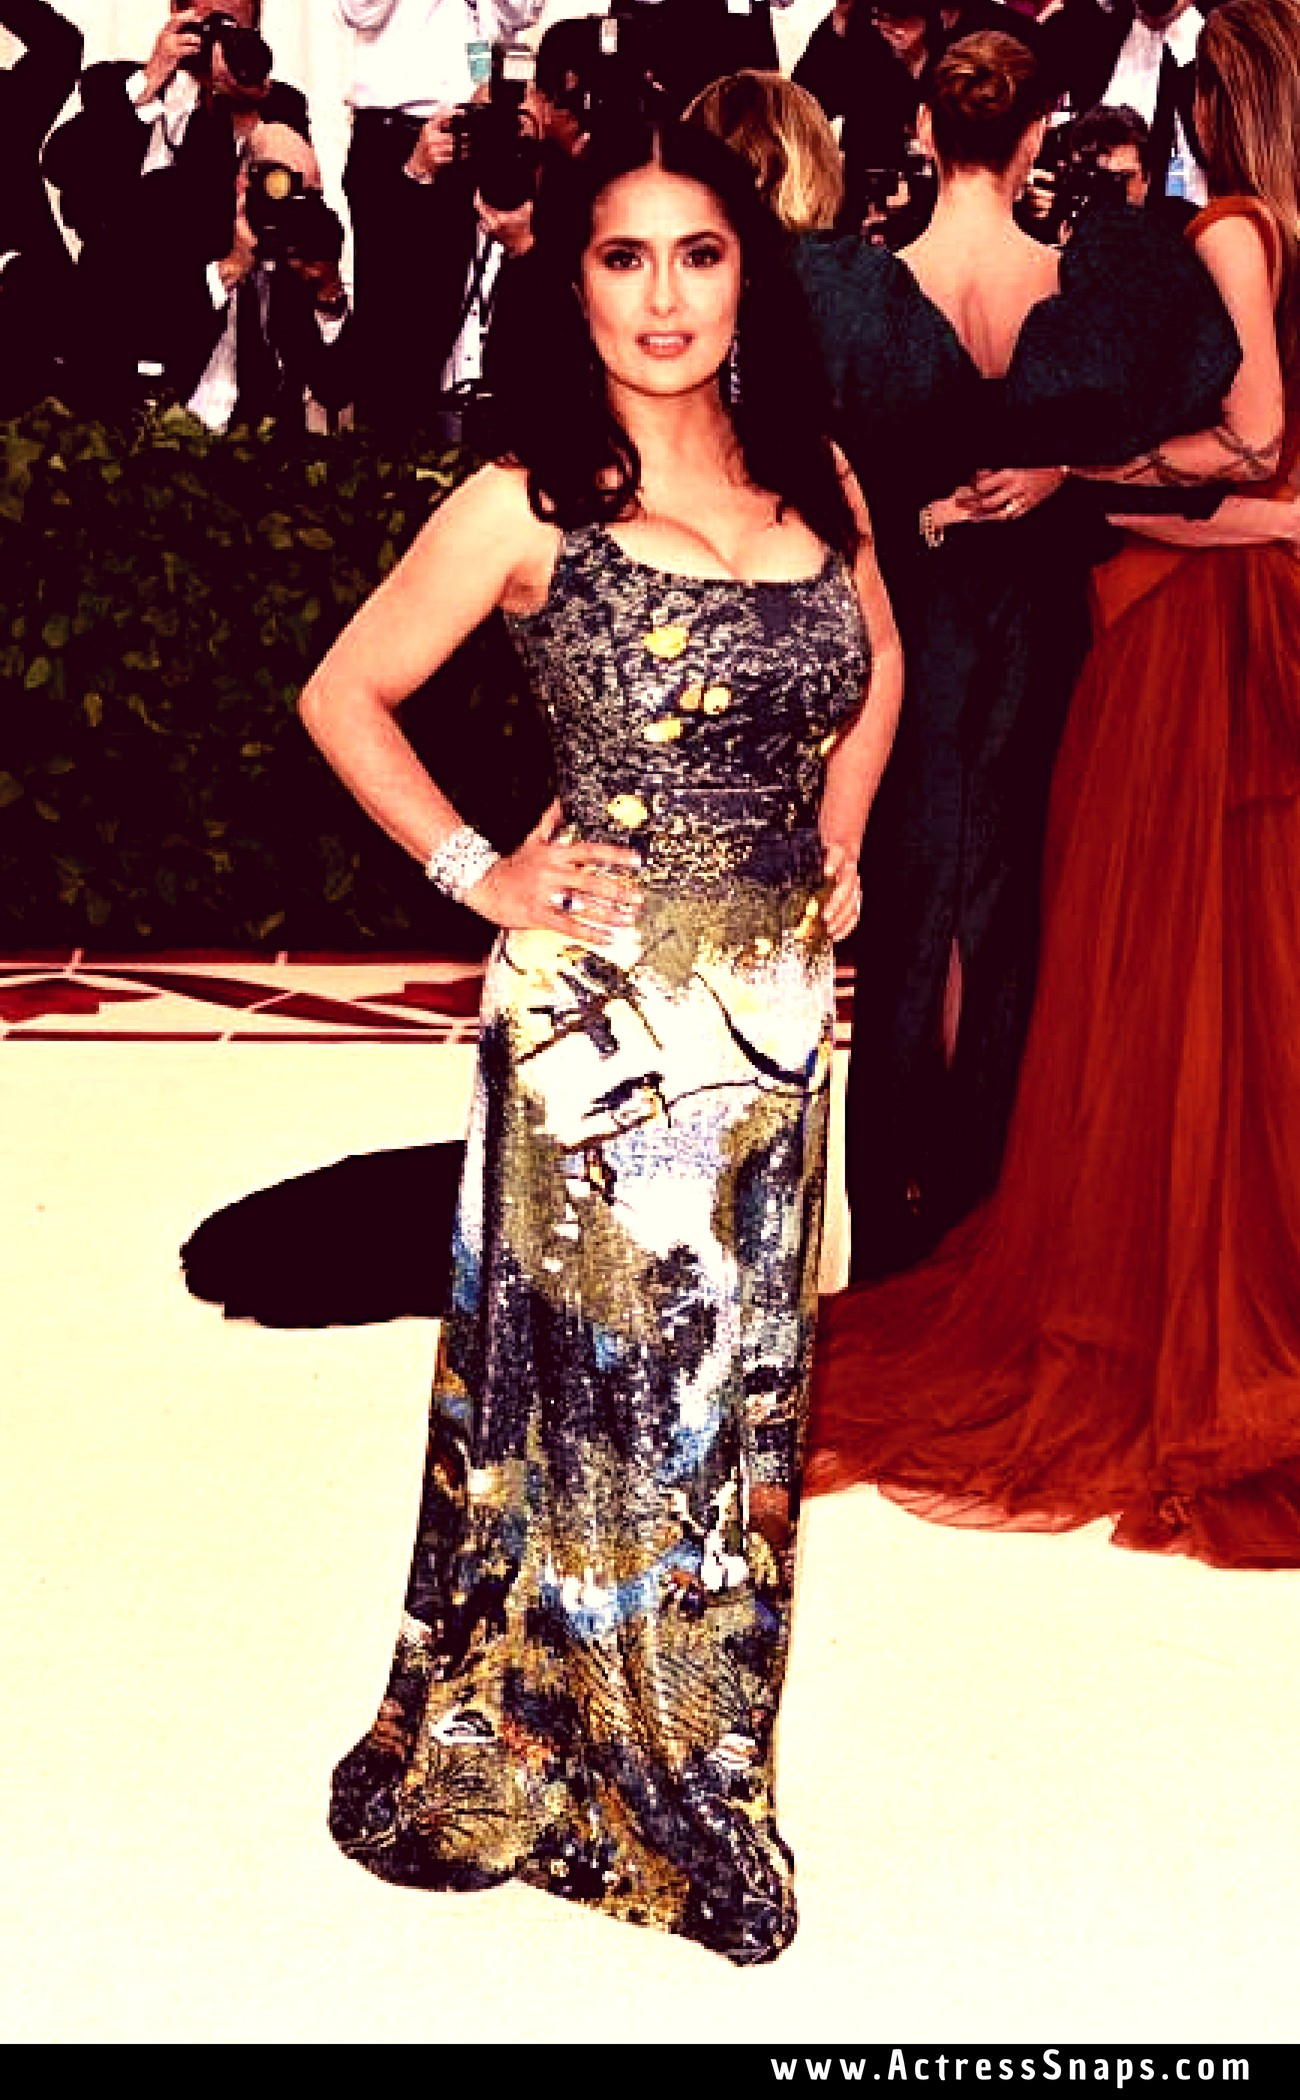 Beautiful Salma Hayek at 2018 MET Gala Pictures - Sexy Actress Pictures | Hot Actress Pictures - ActressSnaps.com